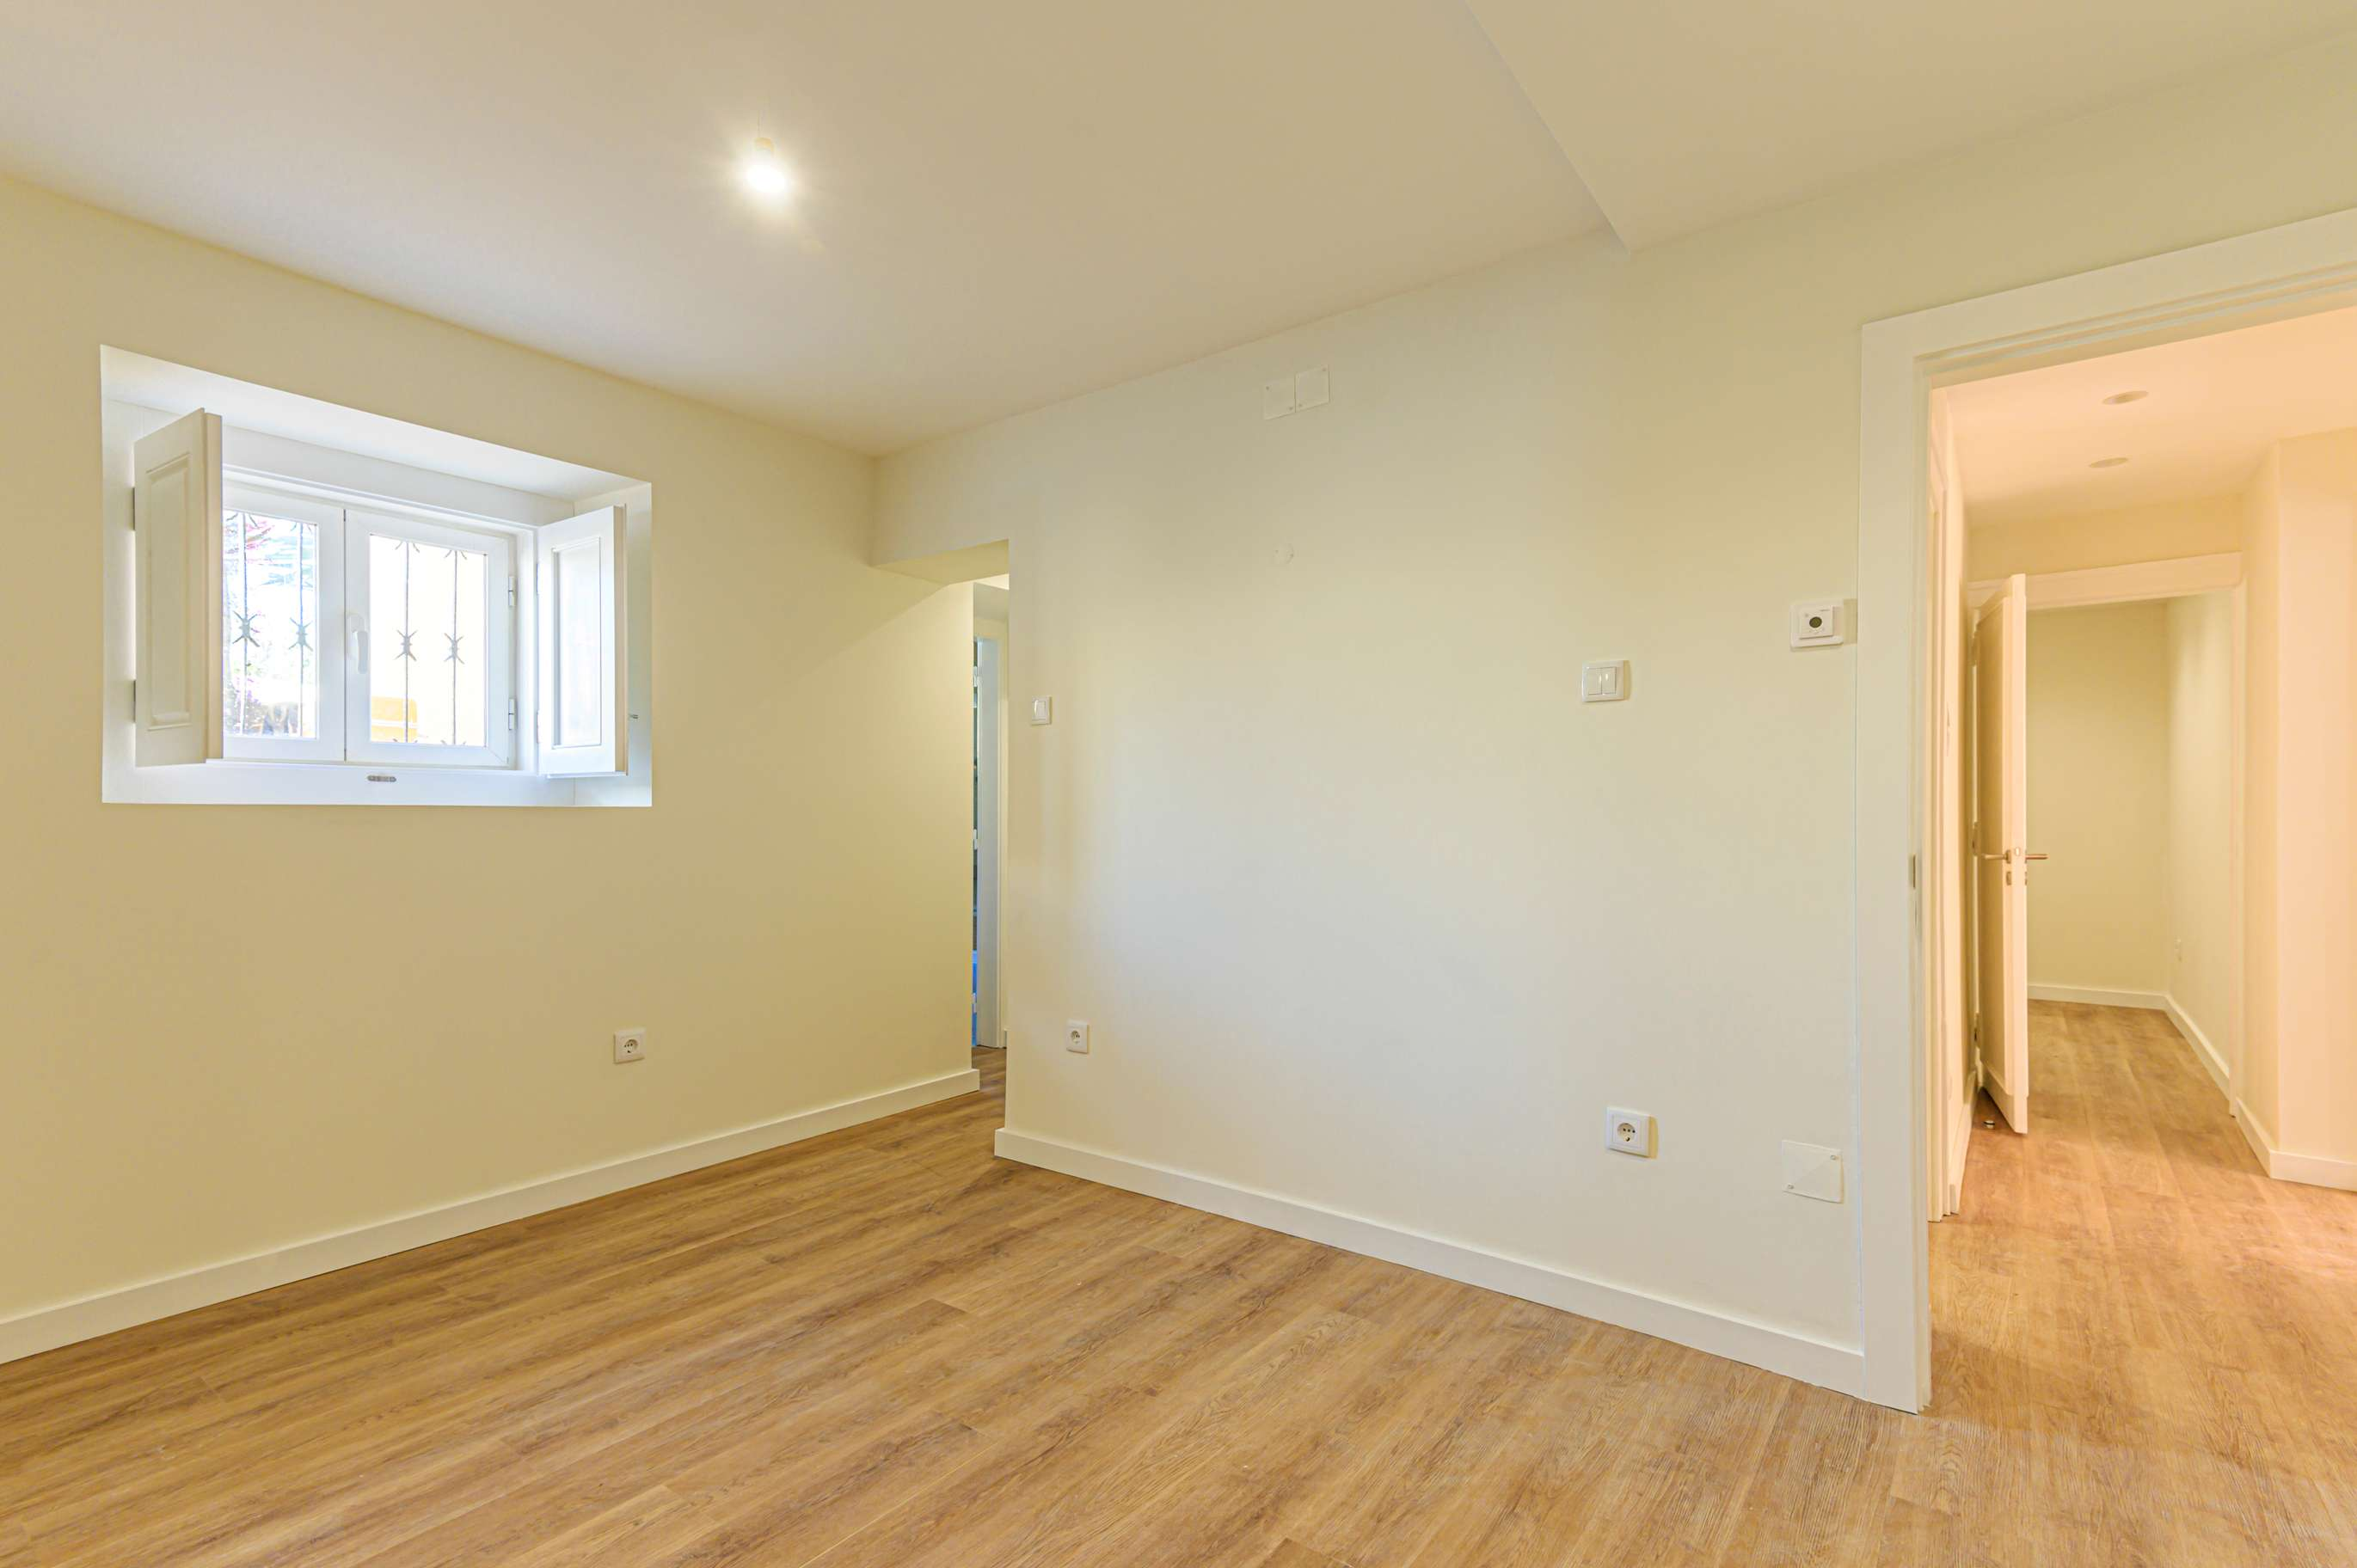 PF22836, Apartamento T3 + 2, Cascais